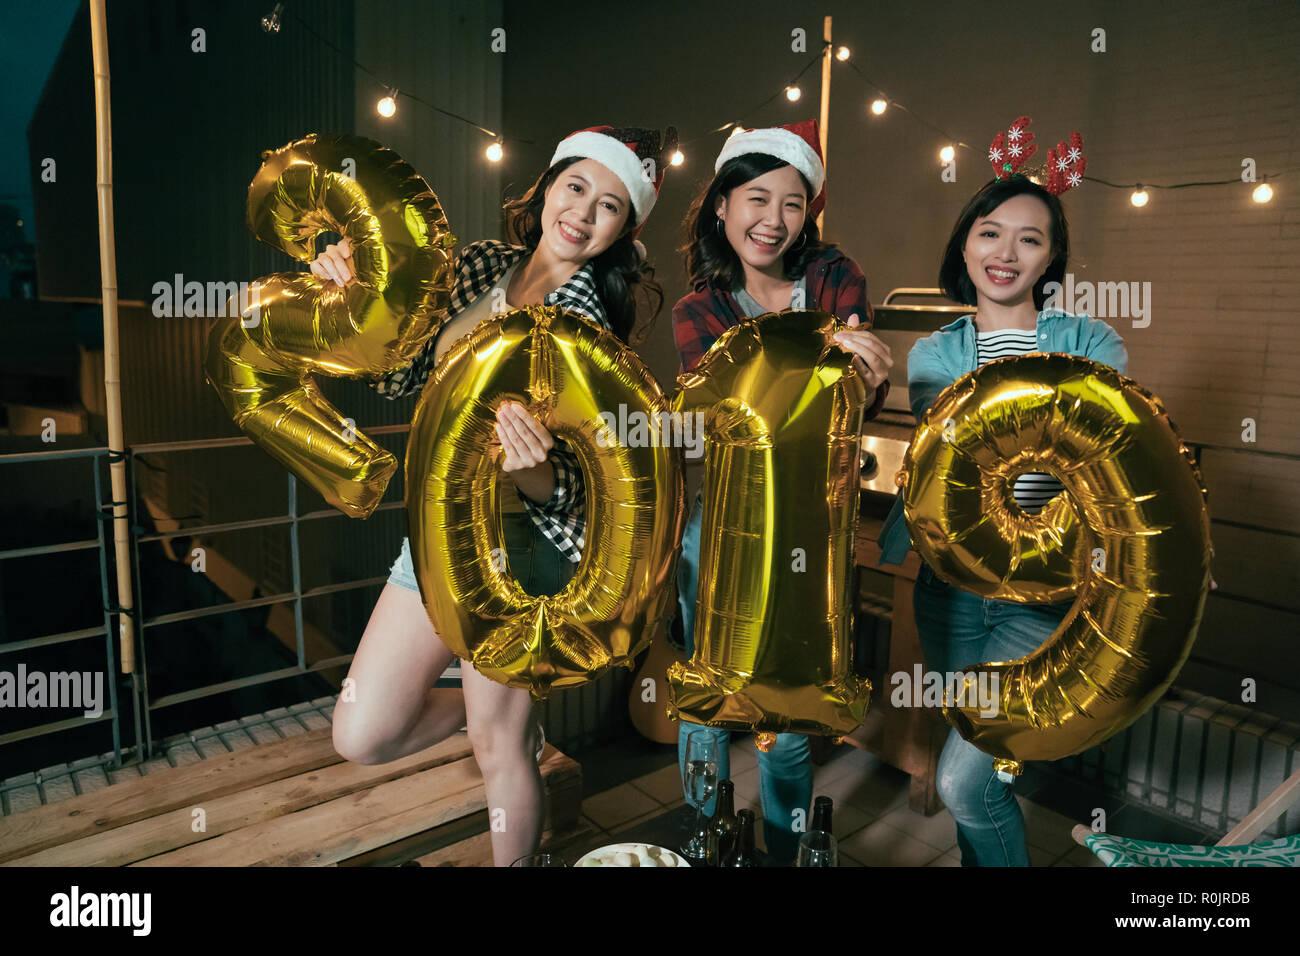 Weihnachten 2019 Musik.Freundliche Damen Genießen Sie Musik Auf Dem Balkon Feiern Holding